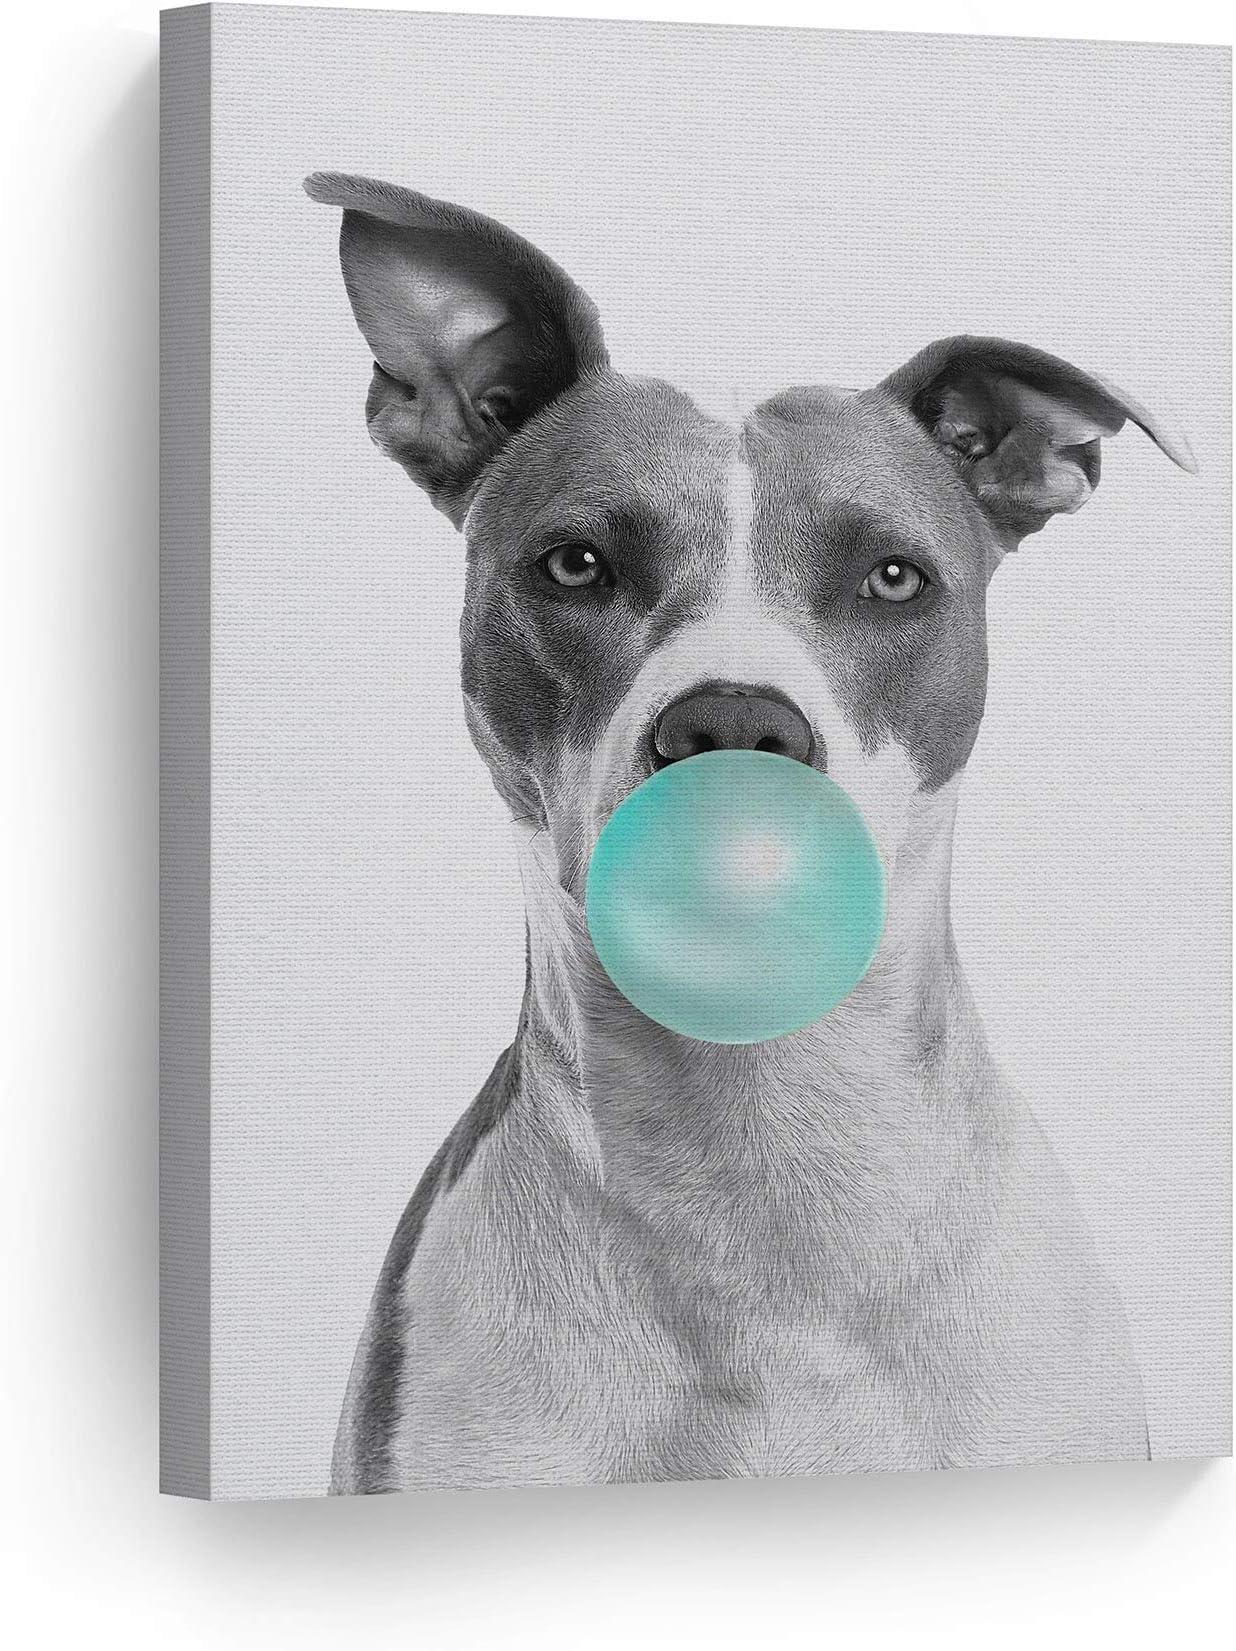 Pit bull Dog Digital Art Jazz Club Print or Canvas